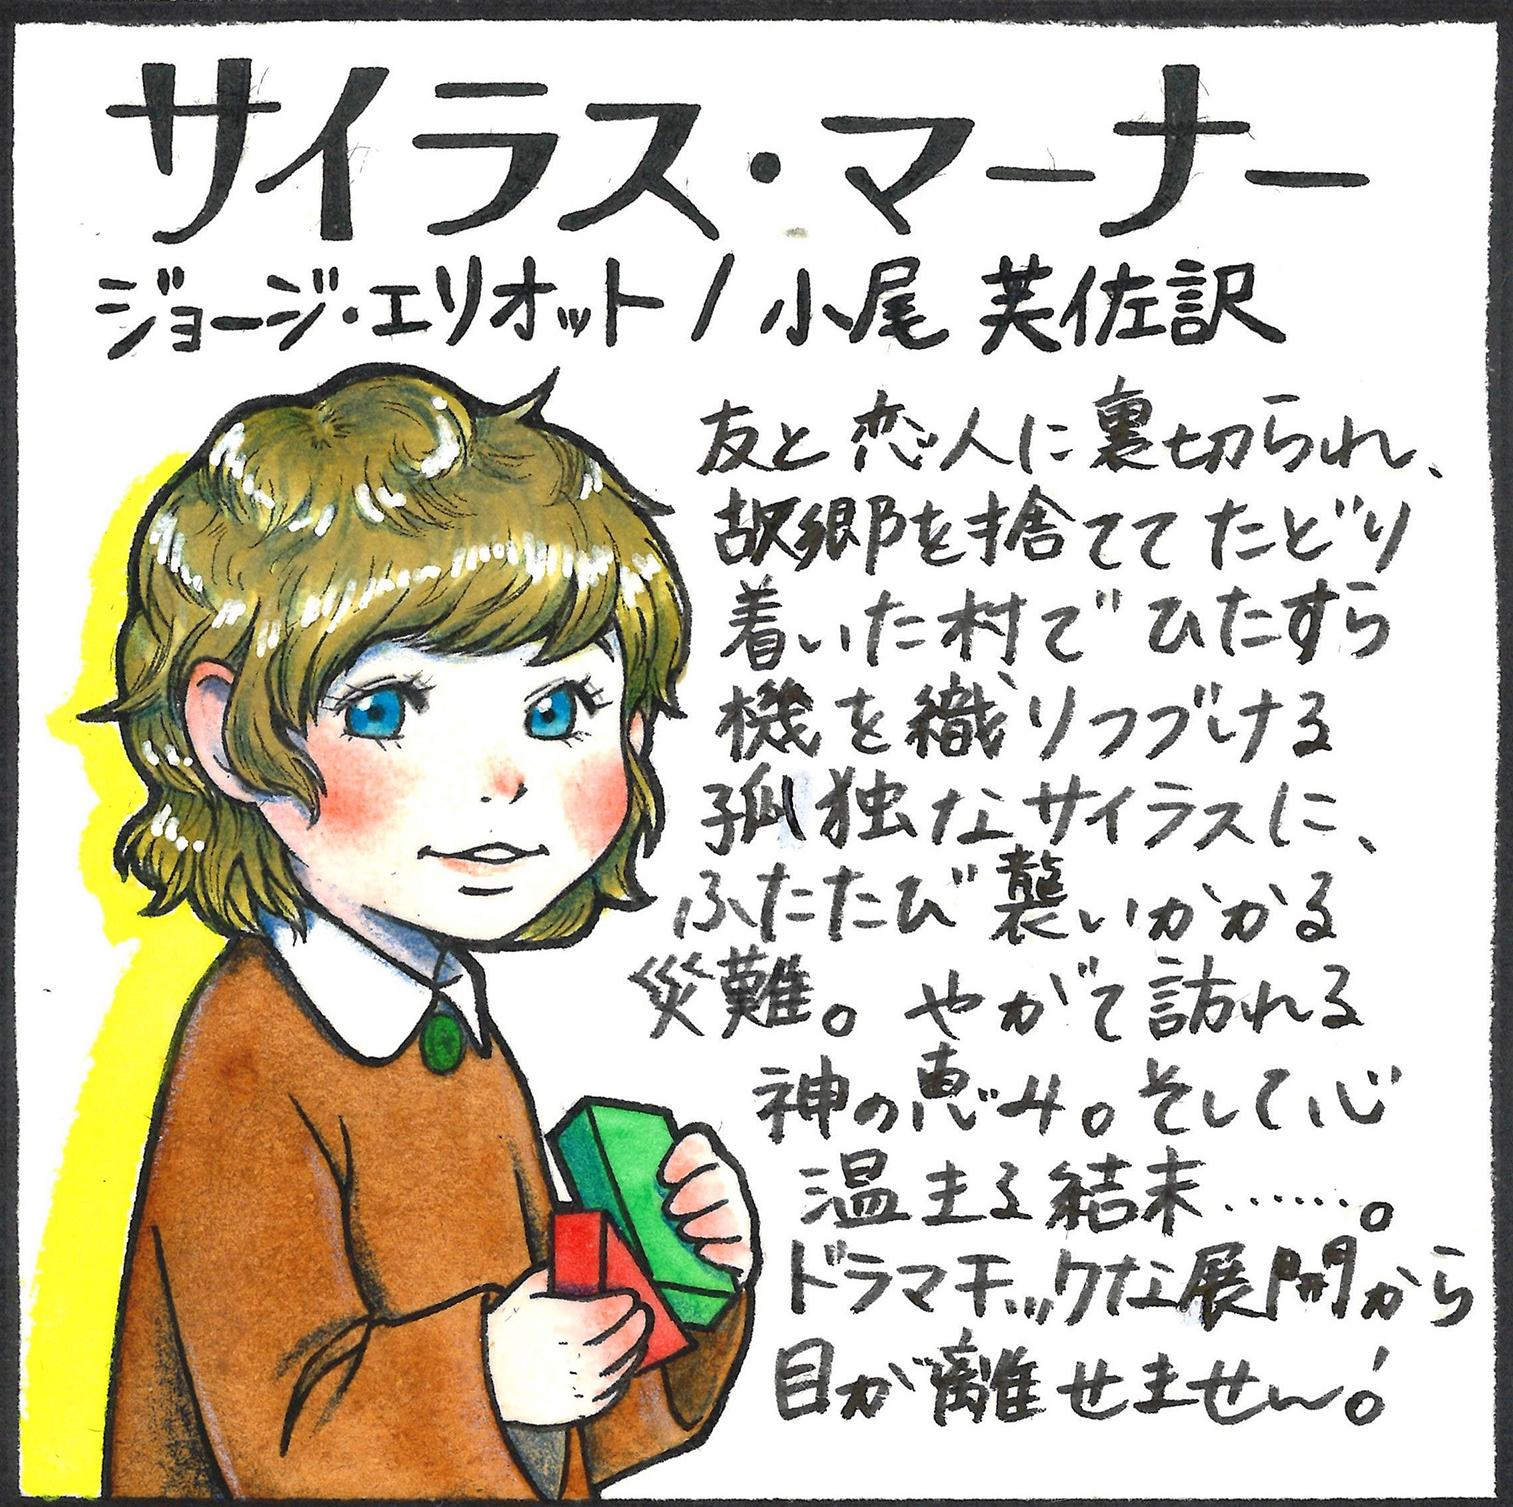 『サイラス・マーナー』(ジョージ・エリオット/小尾芙佐 訳)